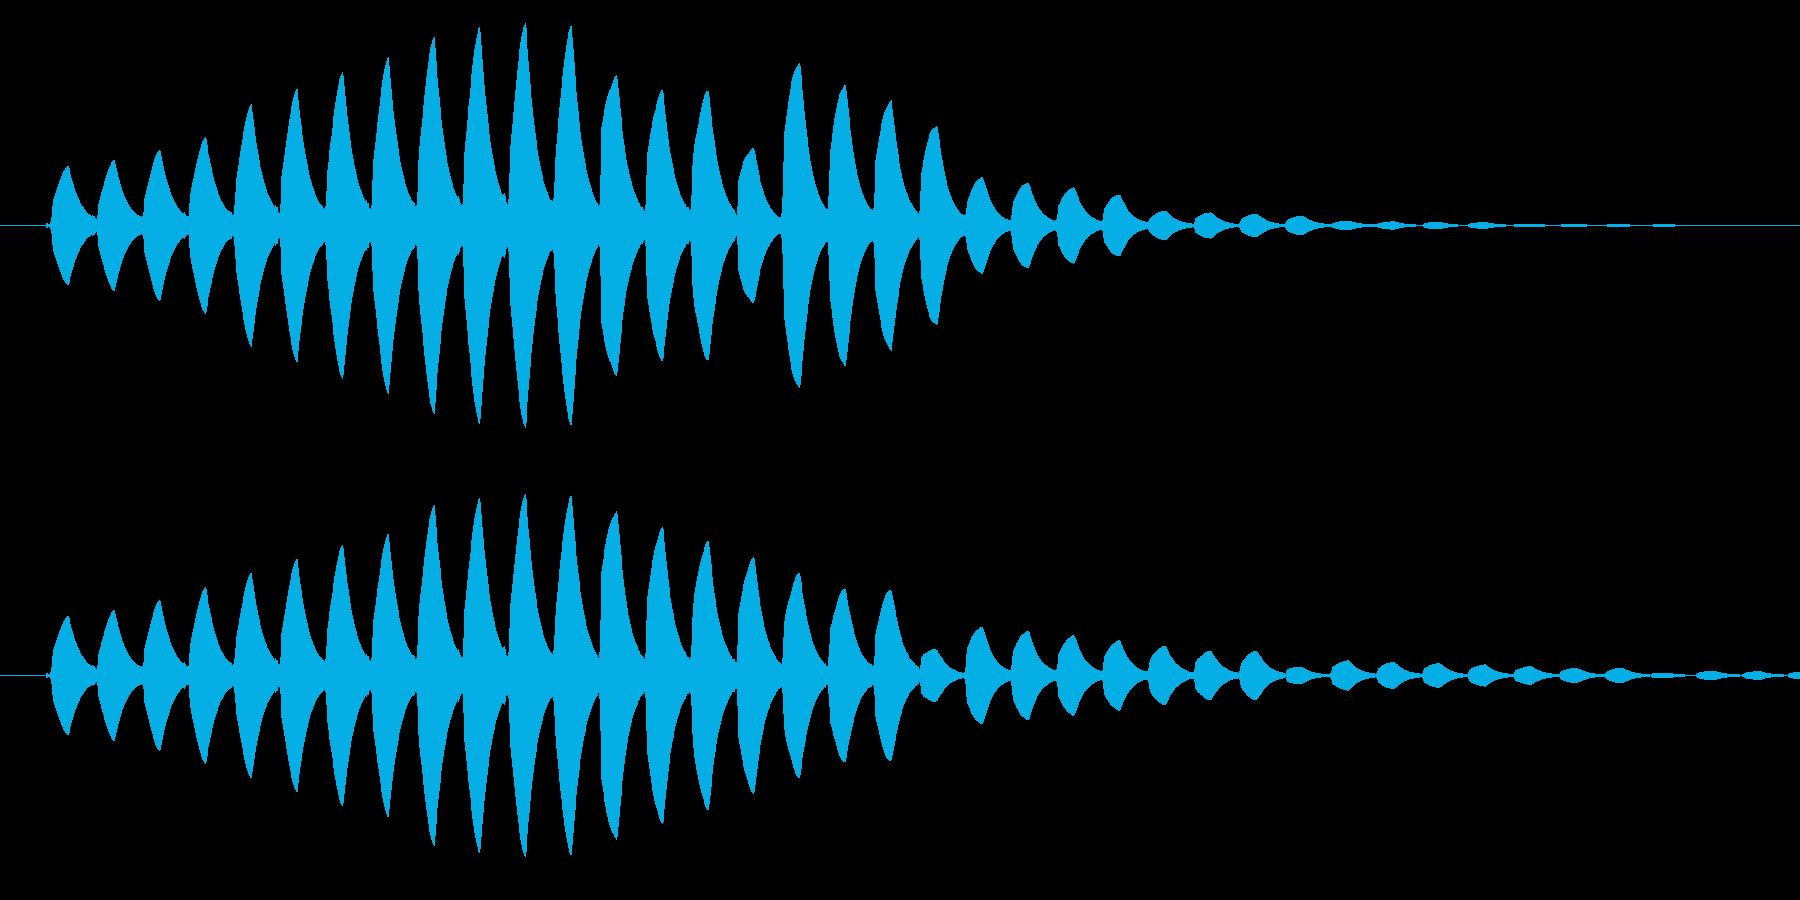 場面転換などで使われているようなピピピ音の再生済みの波形